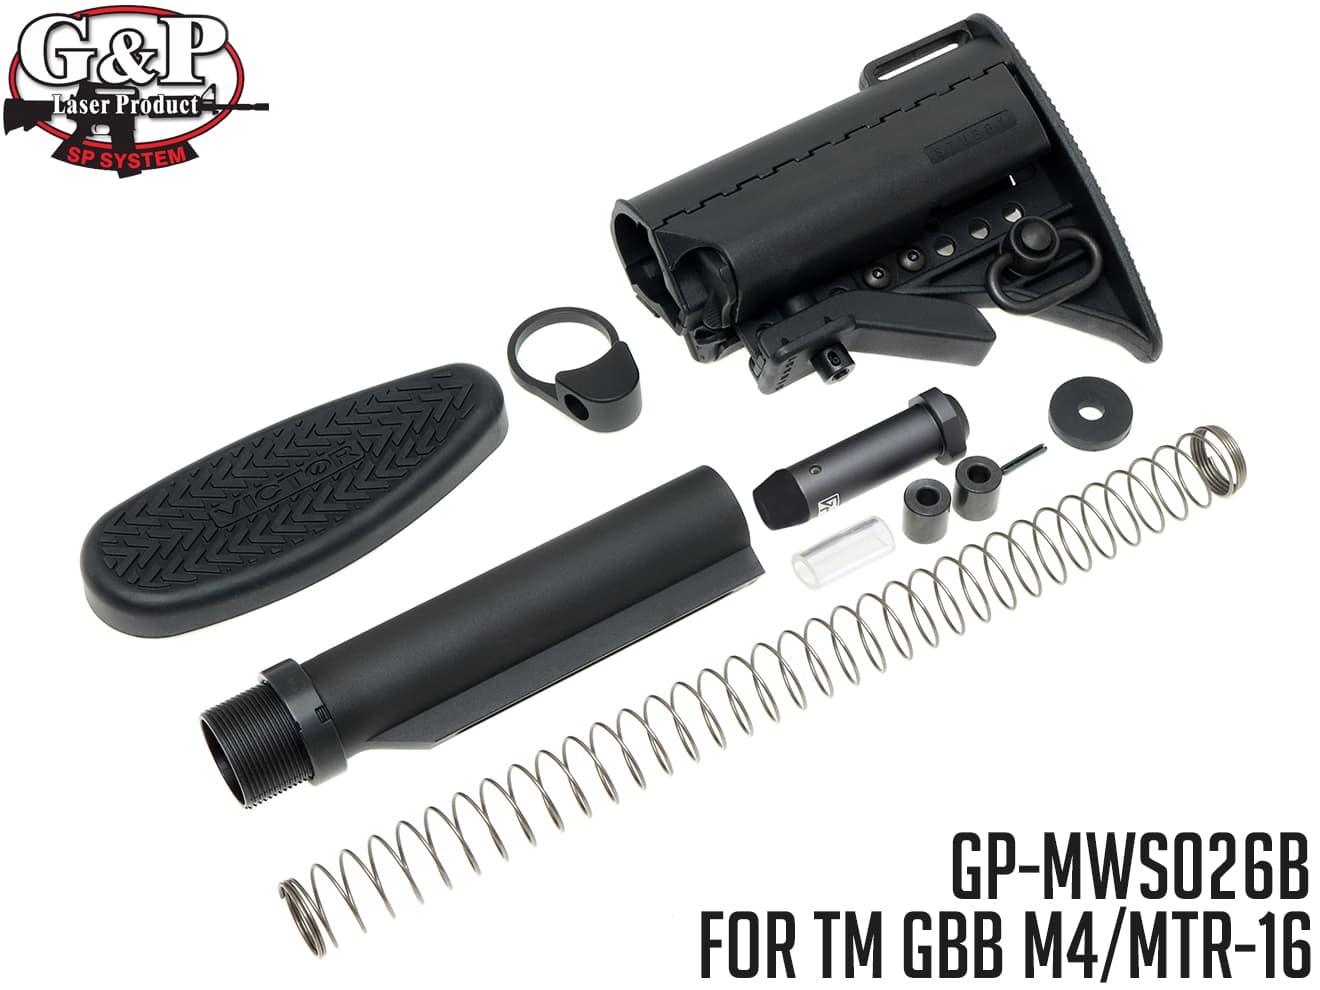 G&P M4 MWS スタッビーバットストックキット◆東京マルイ GBB M4シリーズ対応 ショート化 CQB仕様 5ポジションチューブ&ショートバッファ付